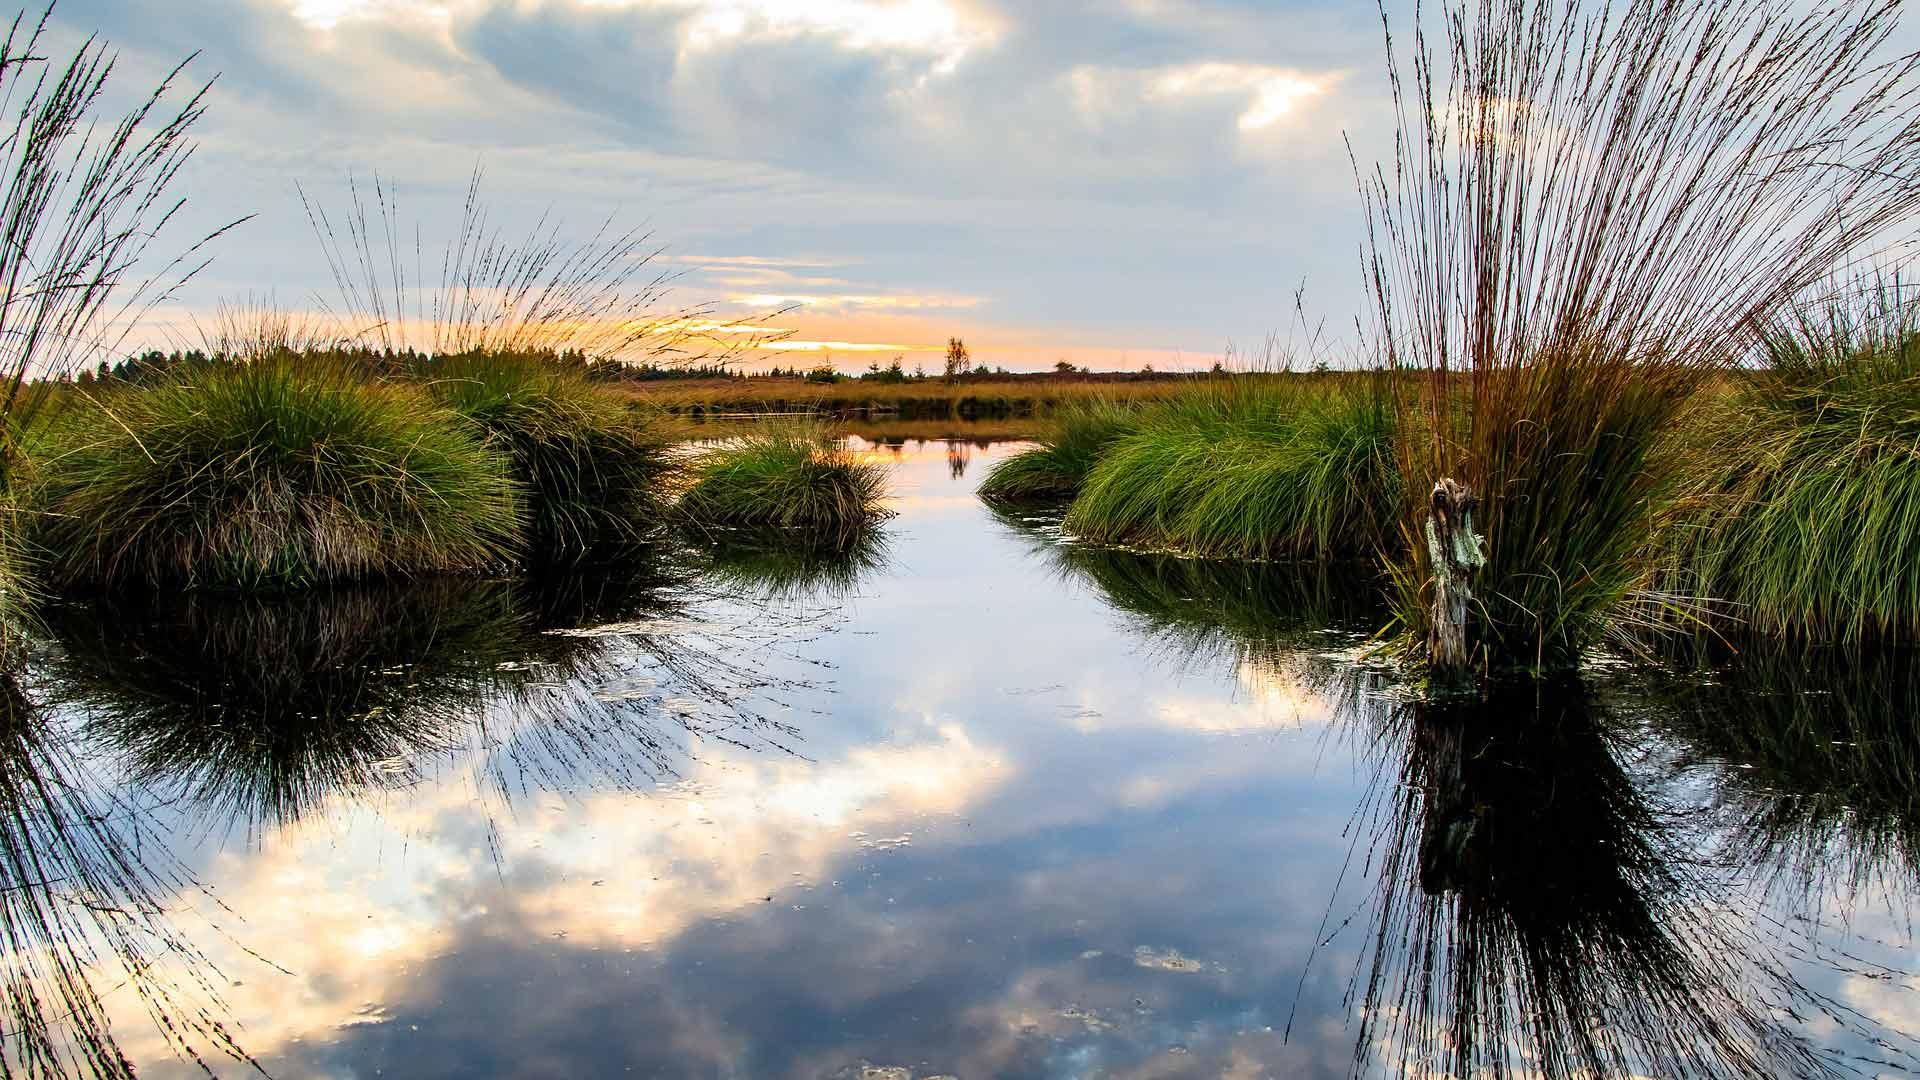 De Hoge Venen is een schitterend hoogveen gebied op de grens van de Belgische Ardennen en de Eifel.